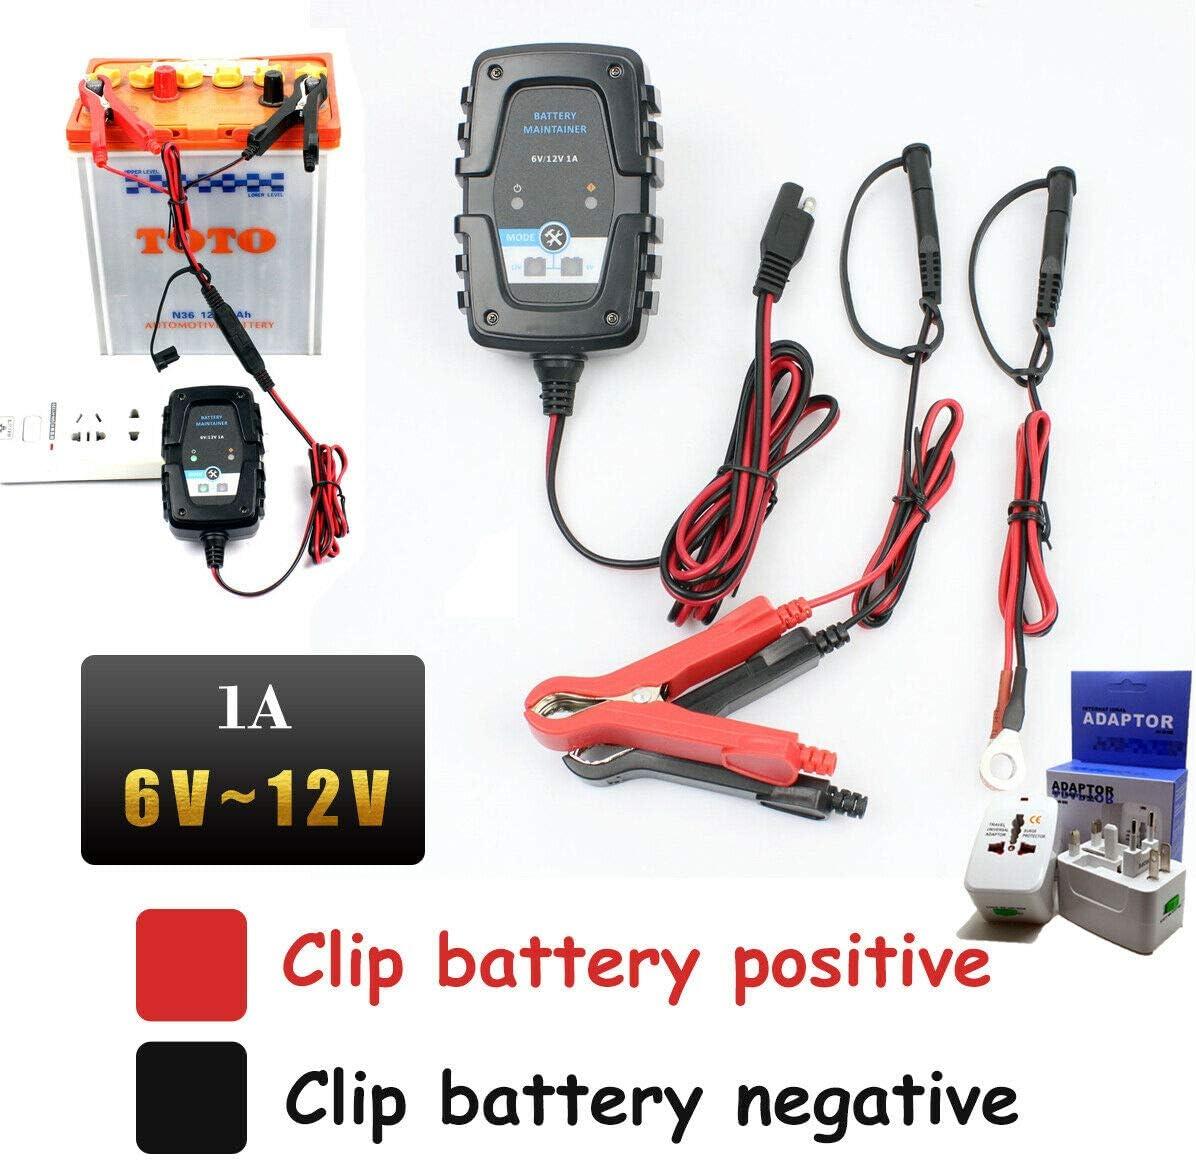 Riloer Cargador y Mantenedor de Batería para Motocicleta, 6V / 12V 1A Cargador Automático de Batería de Automóvil para Bicicleta, Scooter, Motocicleta